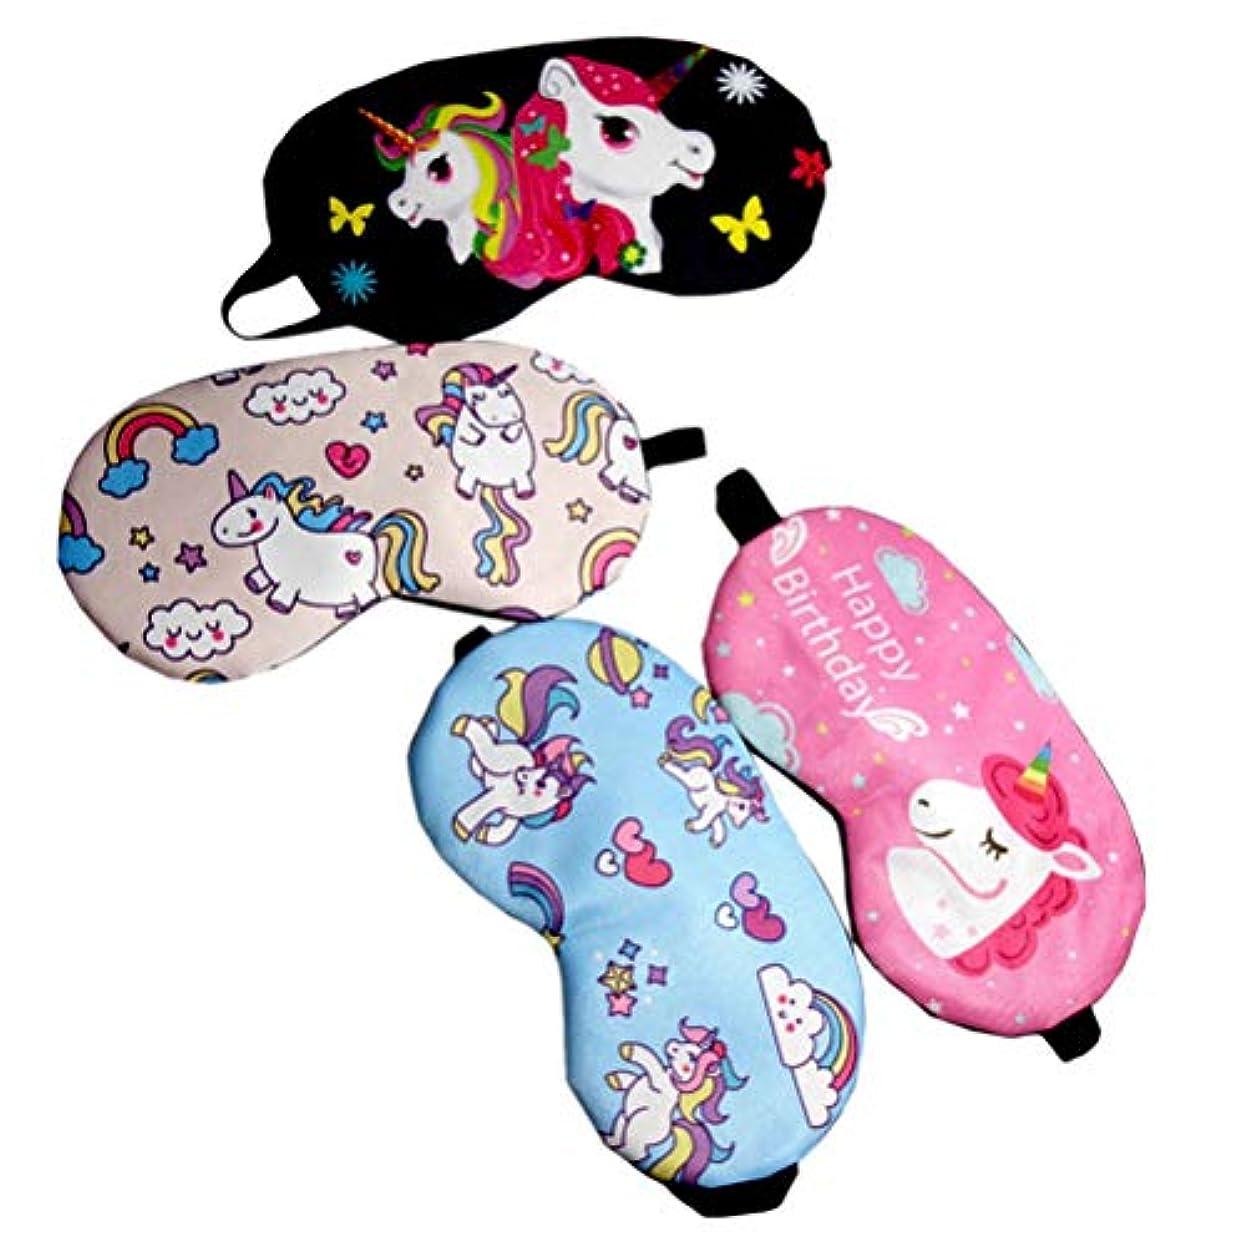 間に合わせ脅かす女の子子供のためのBeaupretty 4PCSユニコーン睡眠マスクカバー軽量目隠しソフトアイマスク(ブラック+ローズレッド+ライトピンク+ライトブルー)